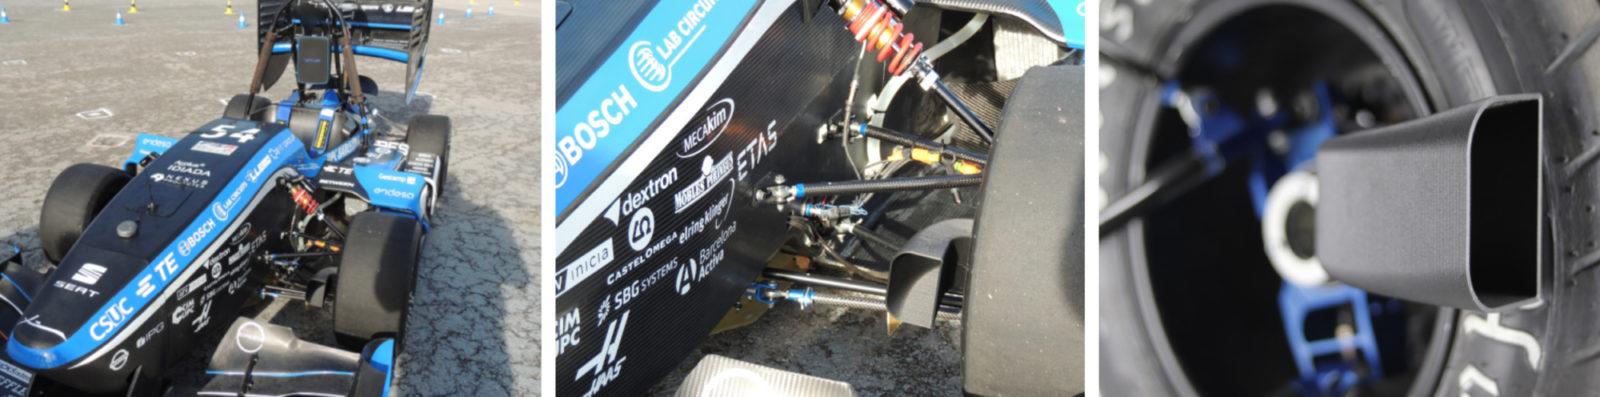 ETSEIB Motorsport's 3D printed end-use parts. Photos via BCN3D.